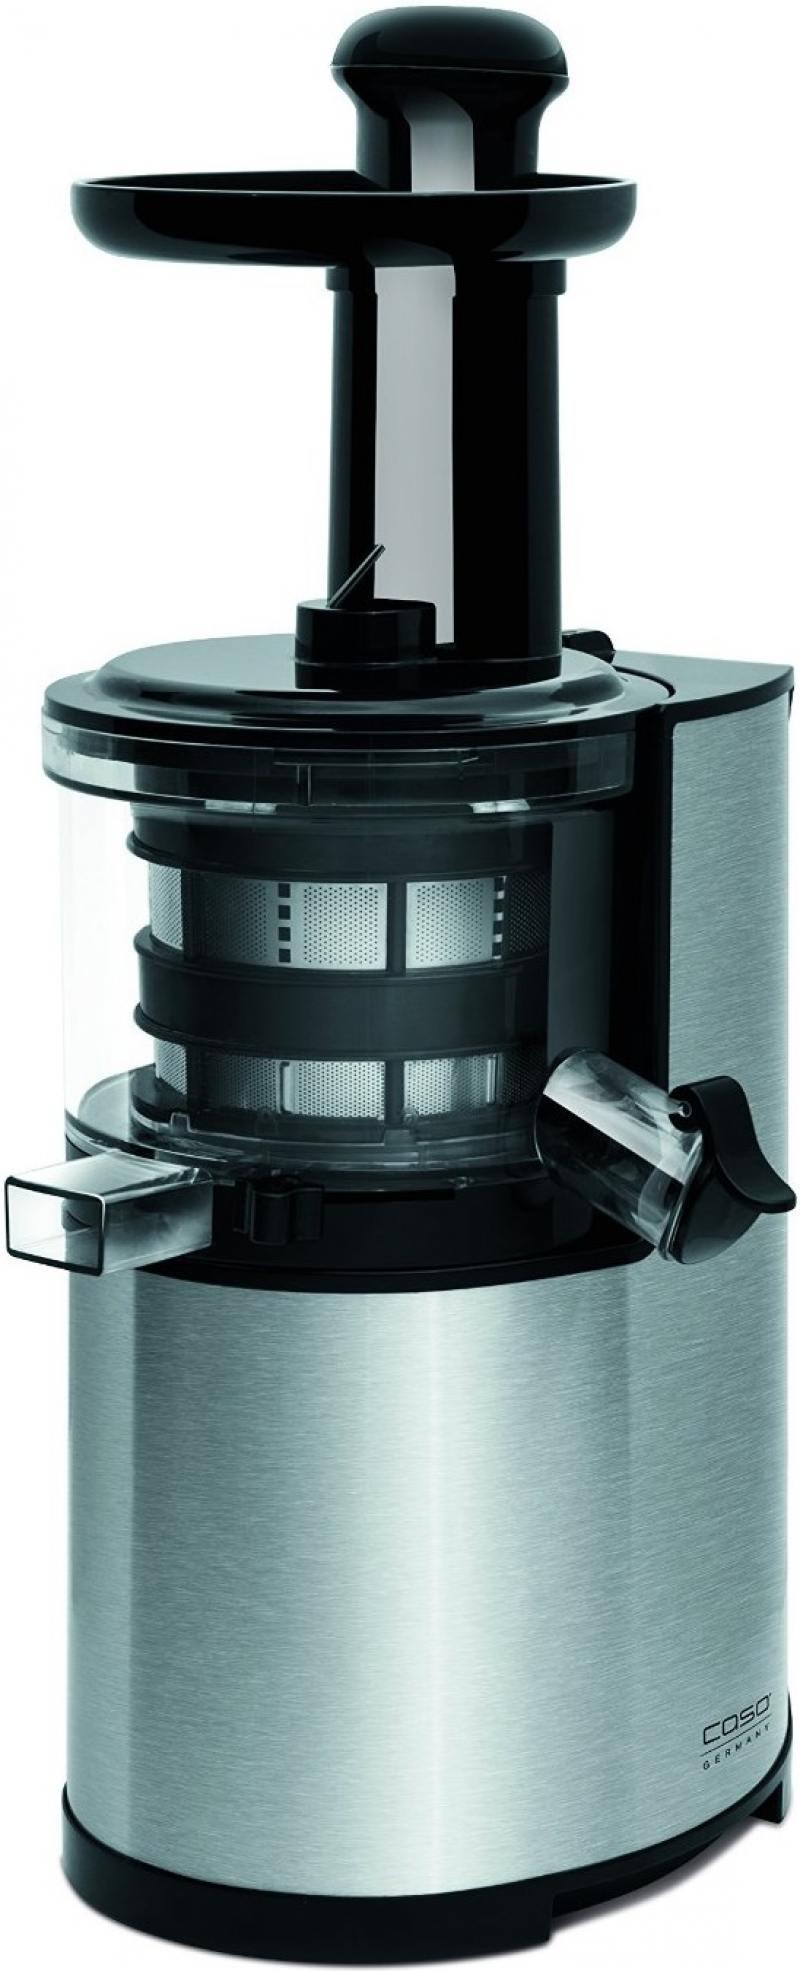 Соковыжималка CASO SJ 200 200 Вт серебристый чёрный